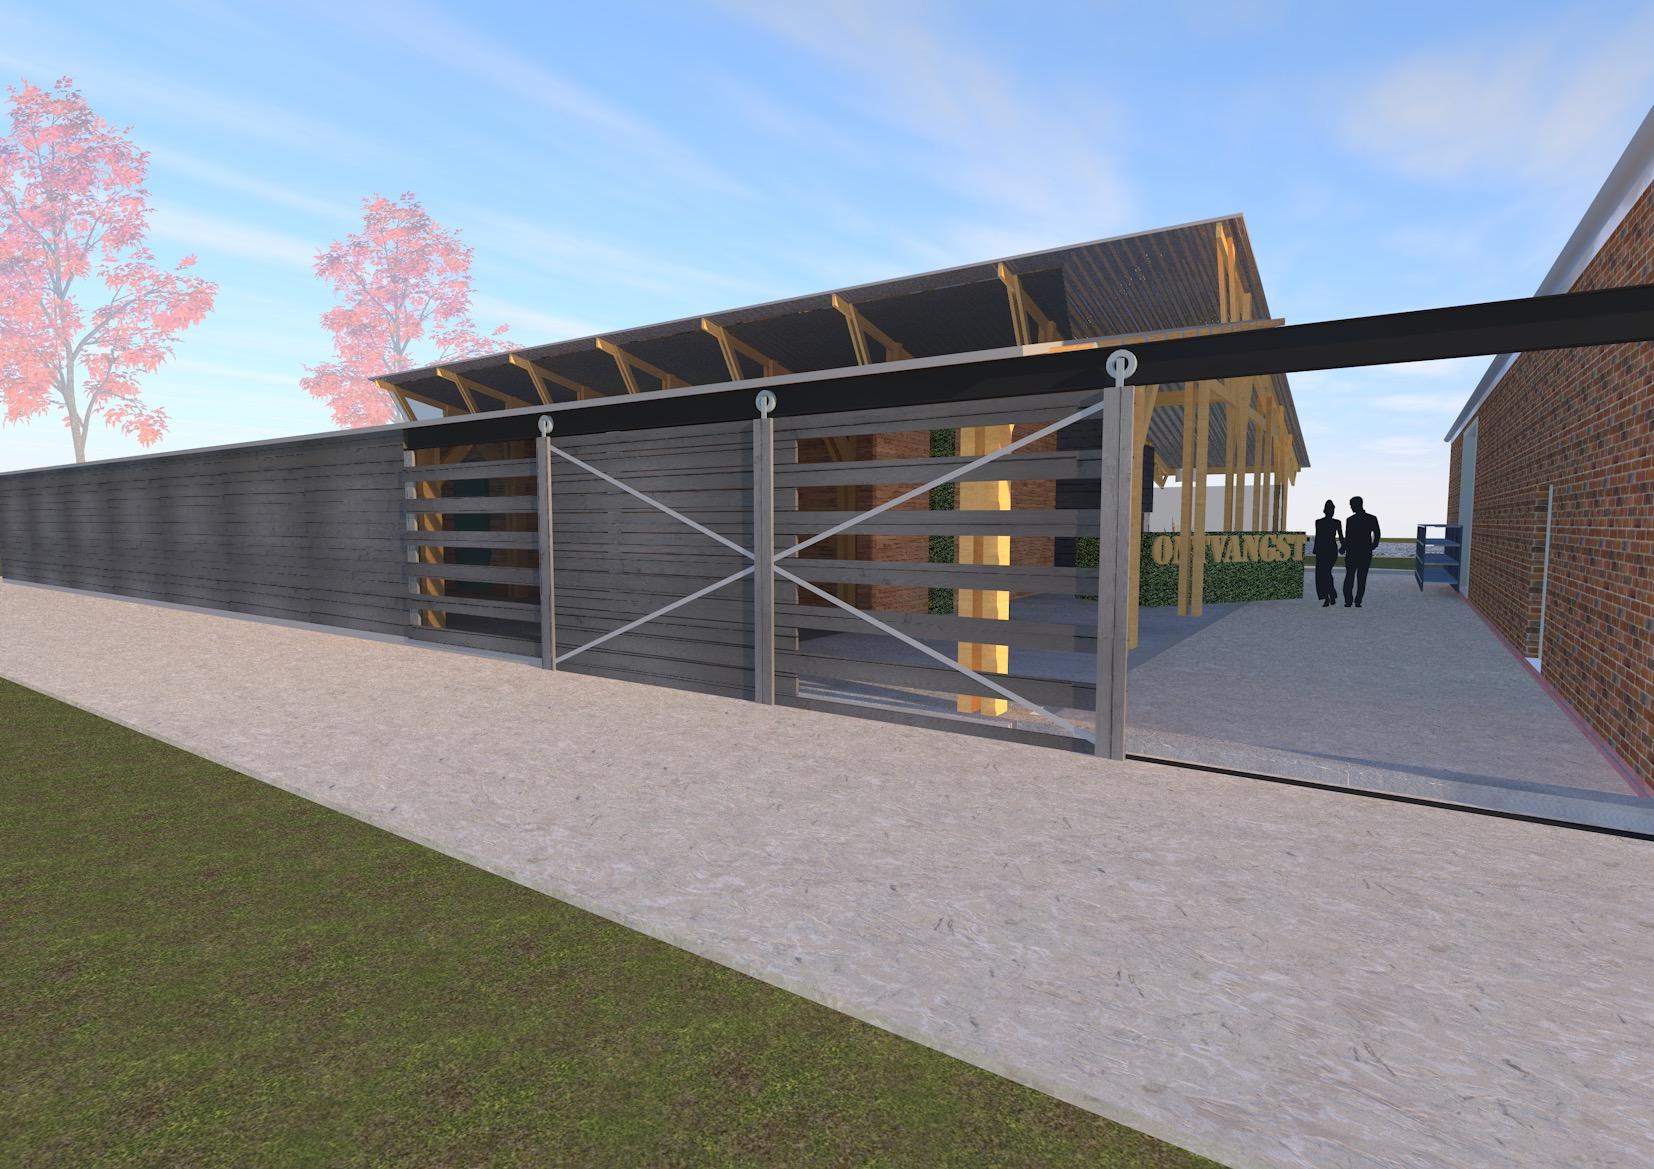 giesen transformatie herbestemming renoveren bouwen schuur ligboxenstal veldhunten Doetinchem Achterhoek houtskelet ecologische architect architectuur groen landelijk